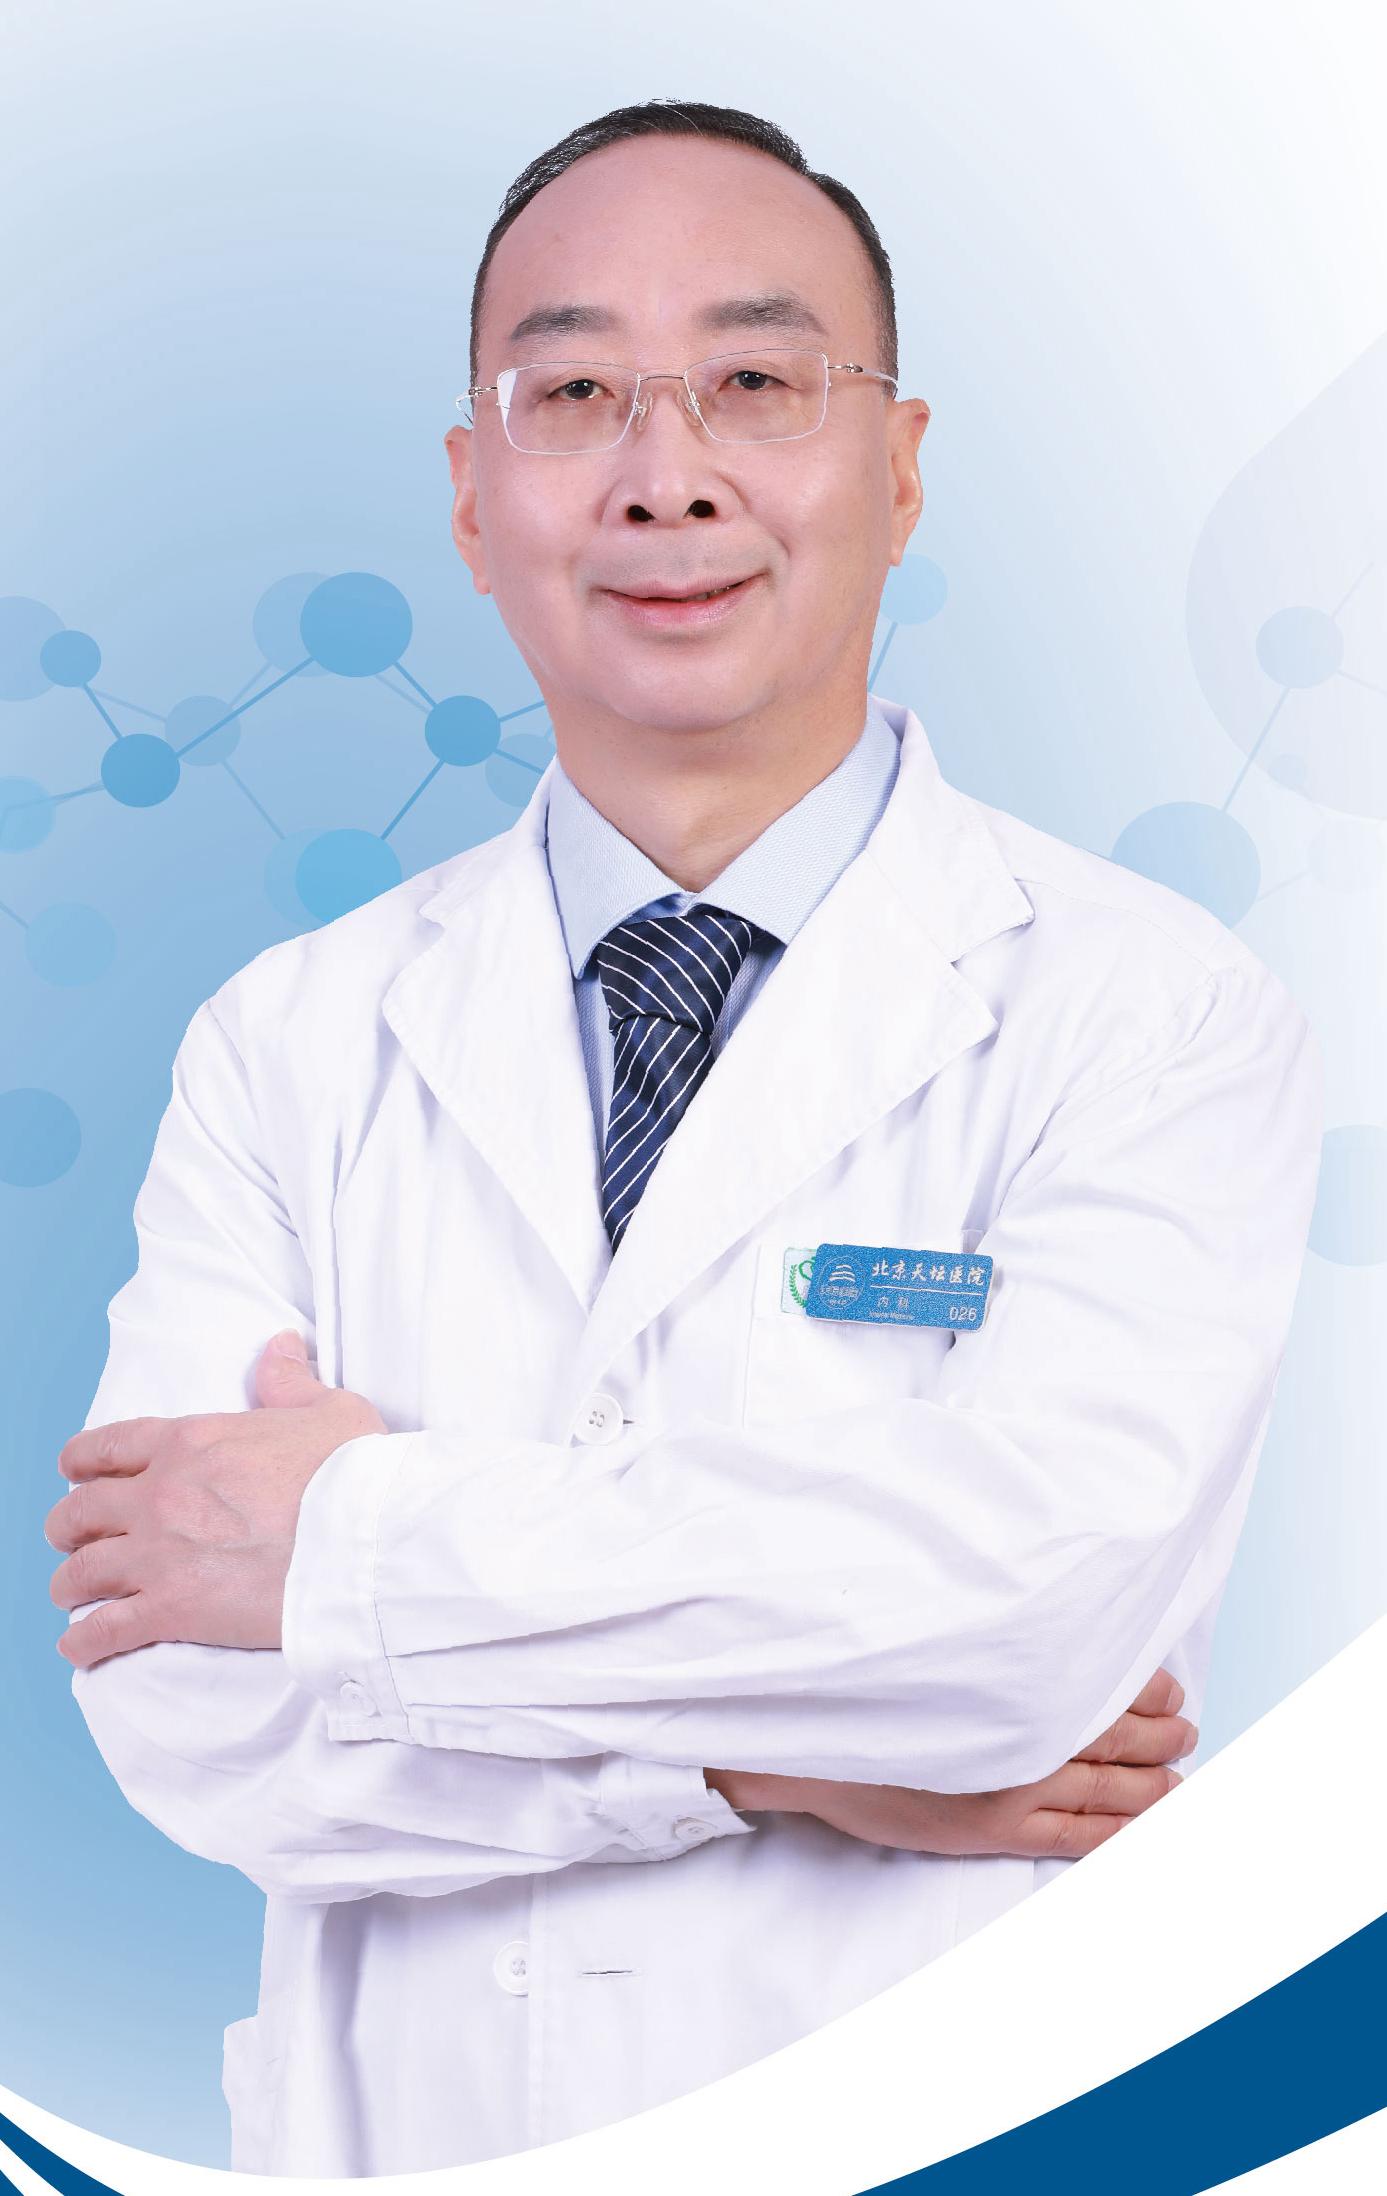 北京天坛医院呼吸内科主任医师